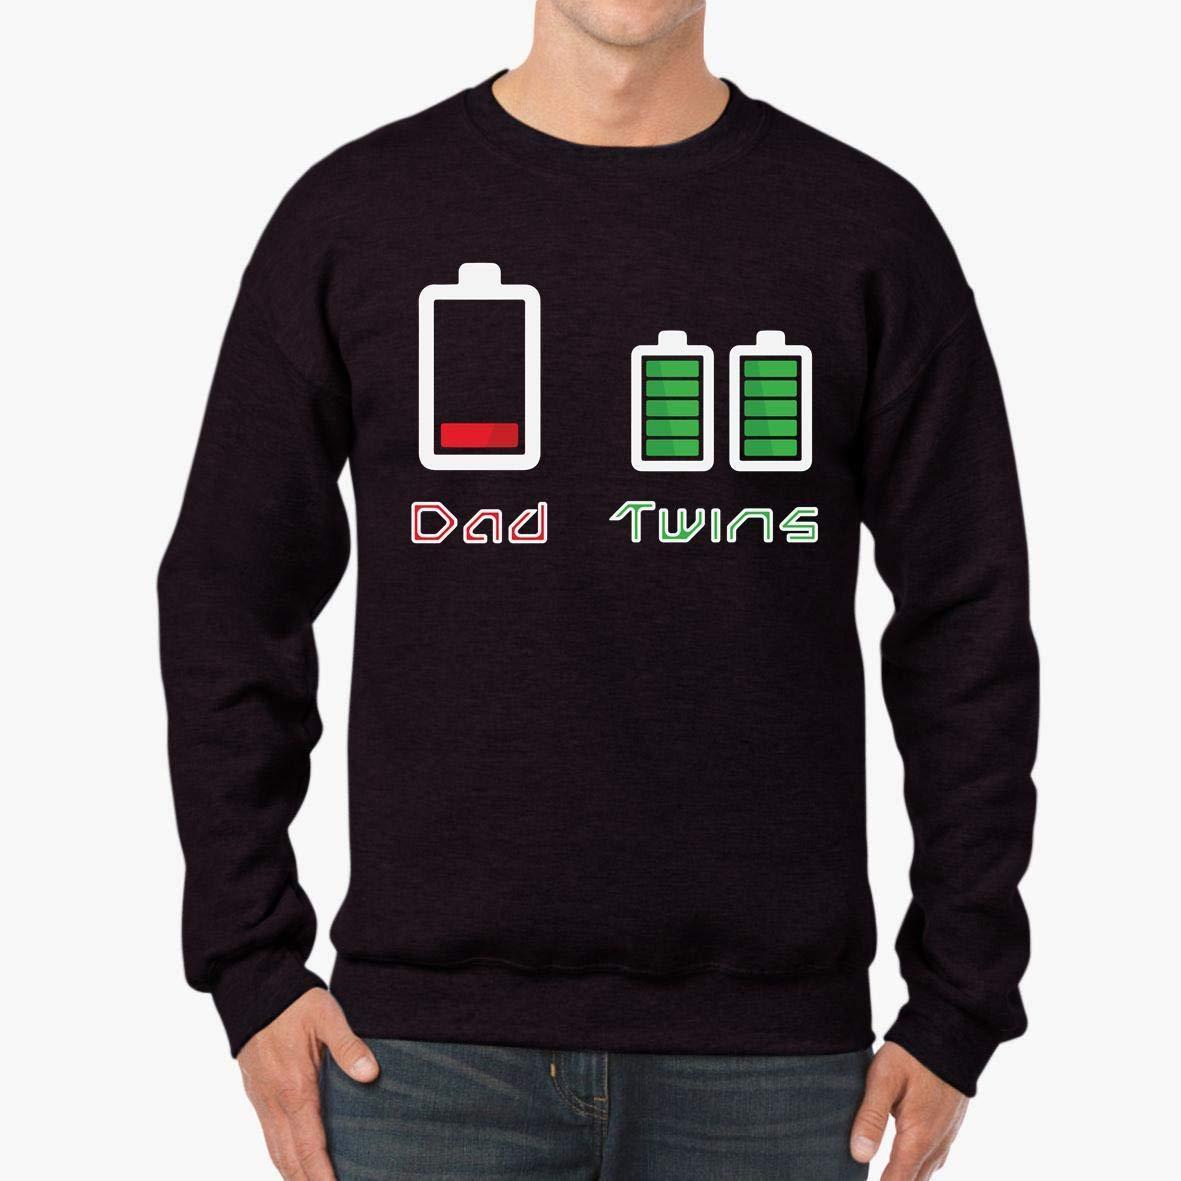 Dad Twins Battery Charge Funny Unisex Sweatshirt tee